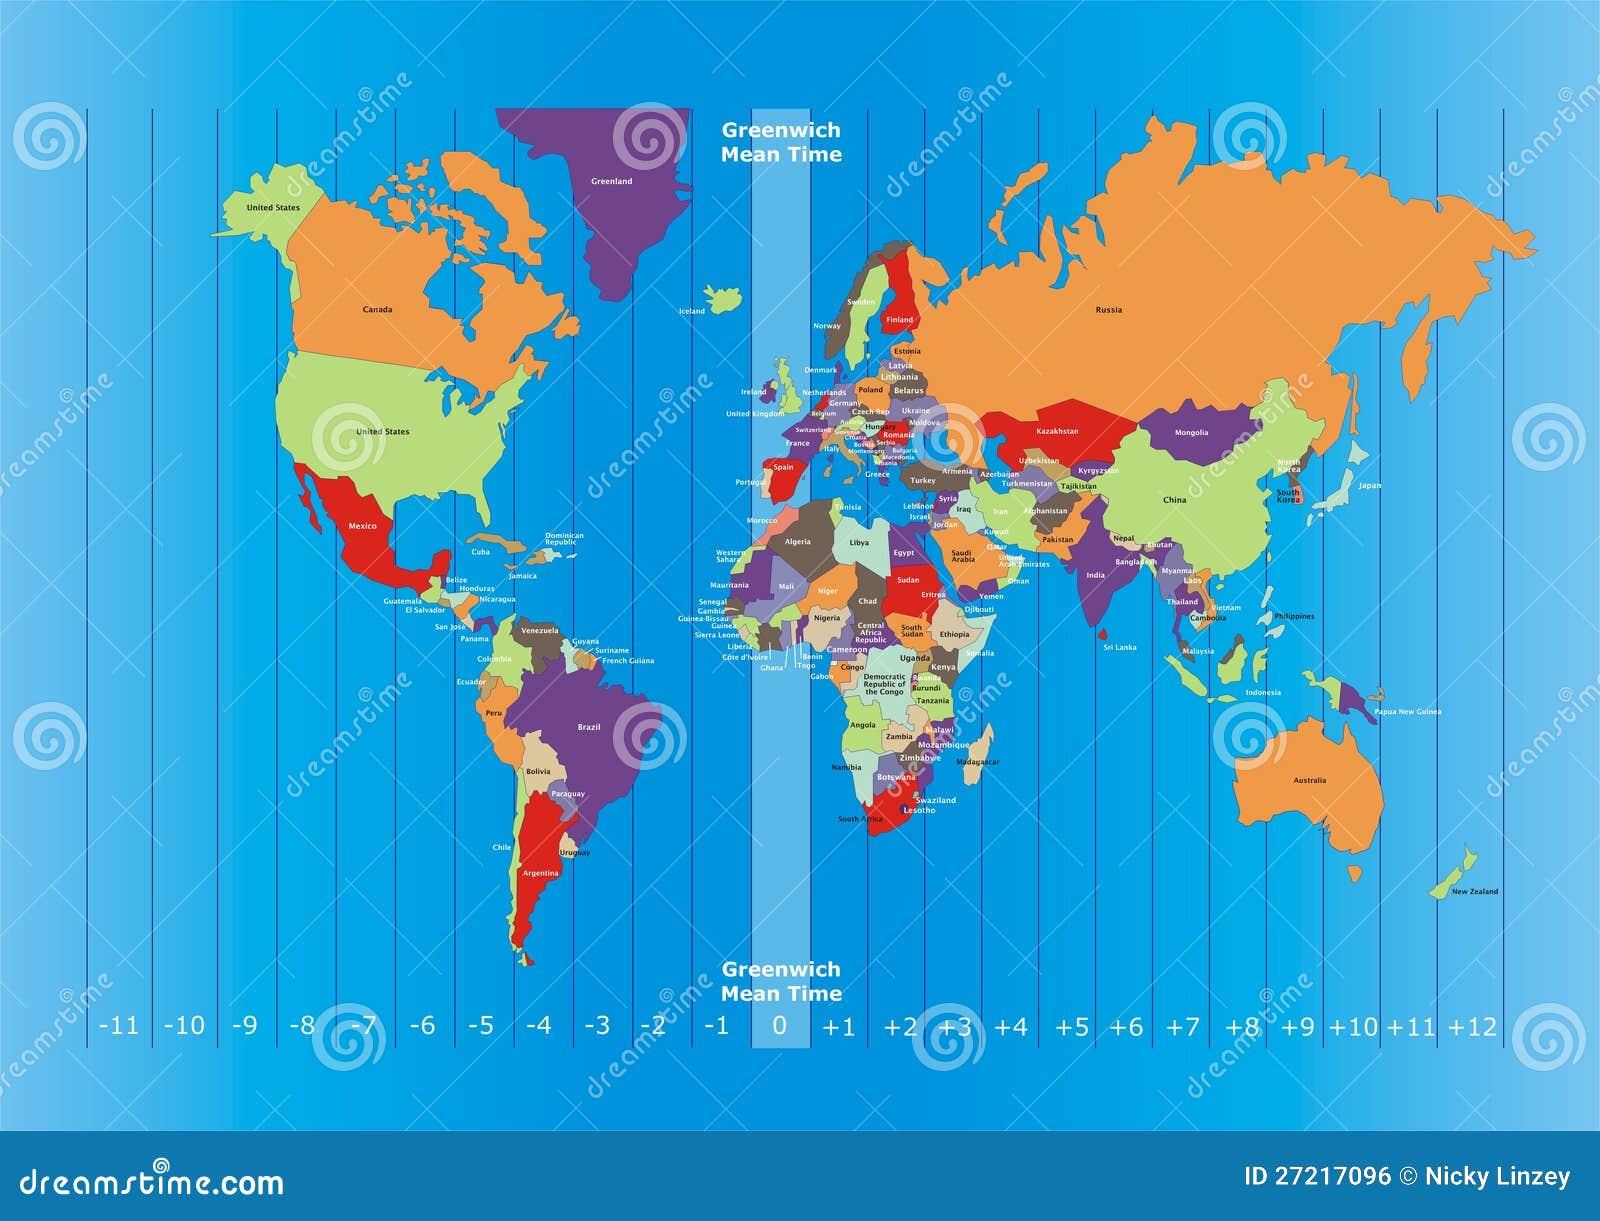 De kaart en de tijdzones van de wereld royalty vrije stock afbeelding afbeelding 27217096 - Wereld kruk ...